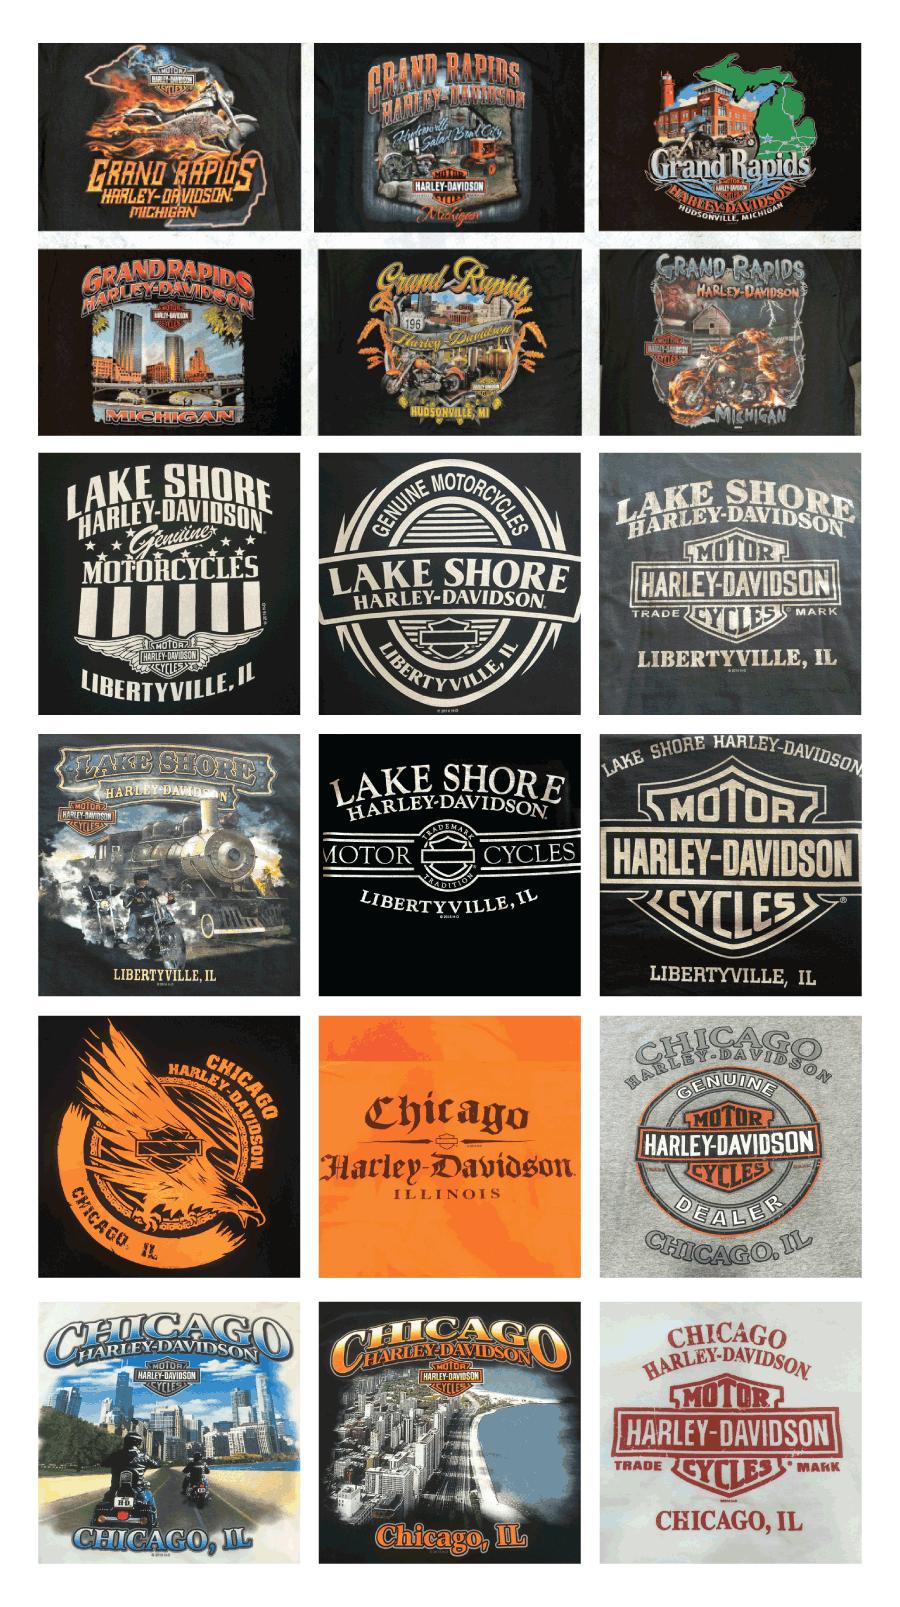 Grand Rapids Harley Davidson Dealership